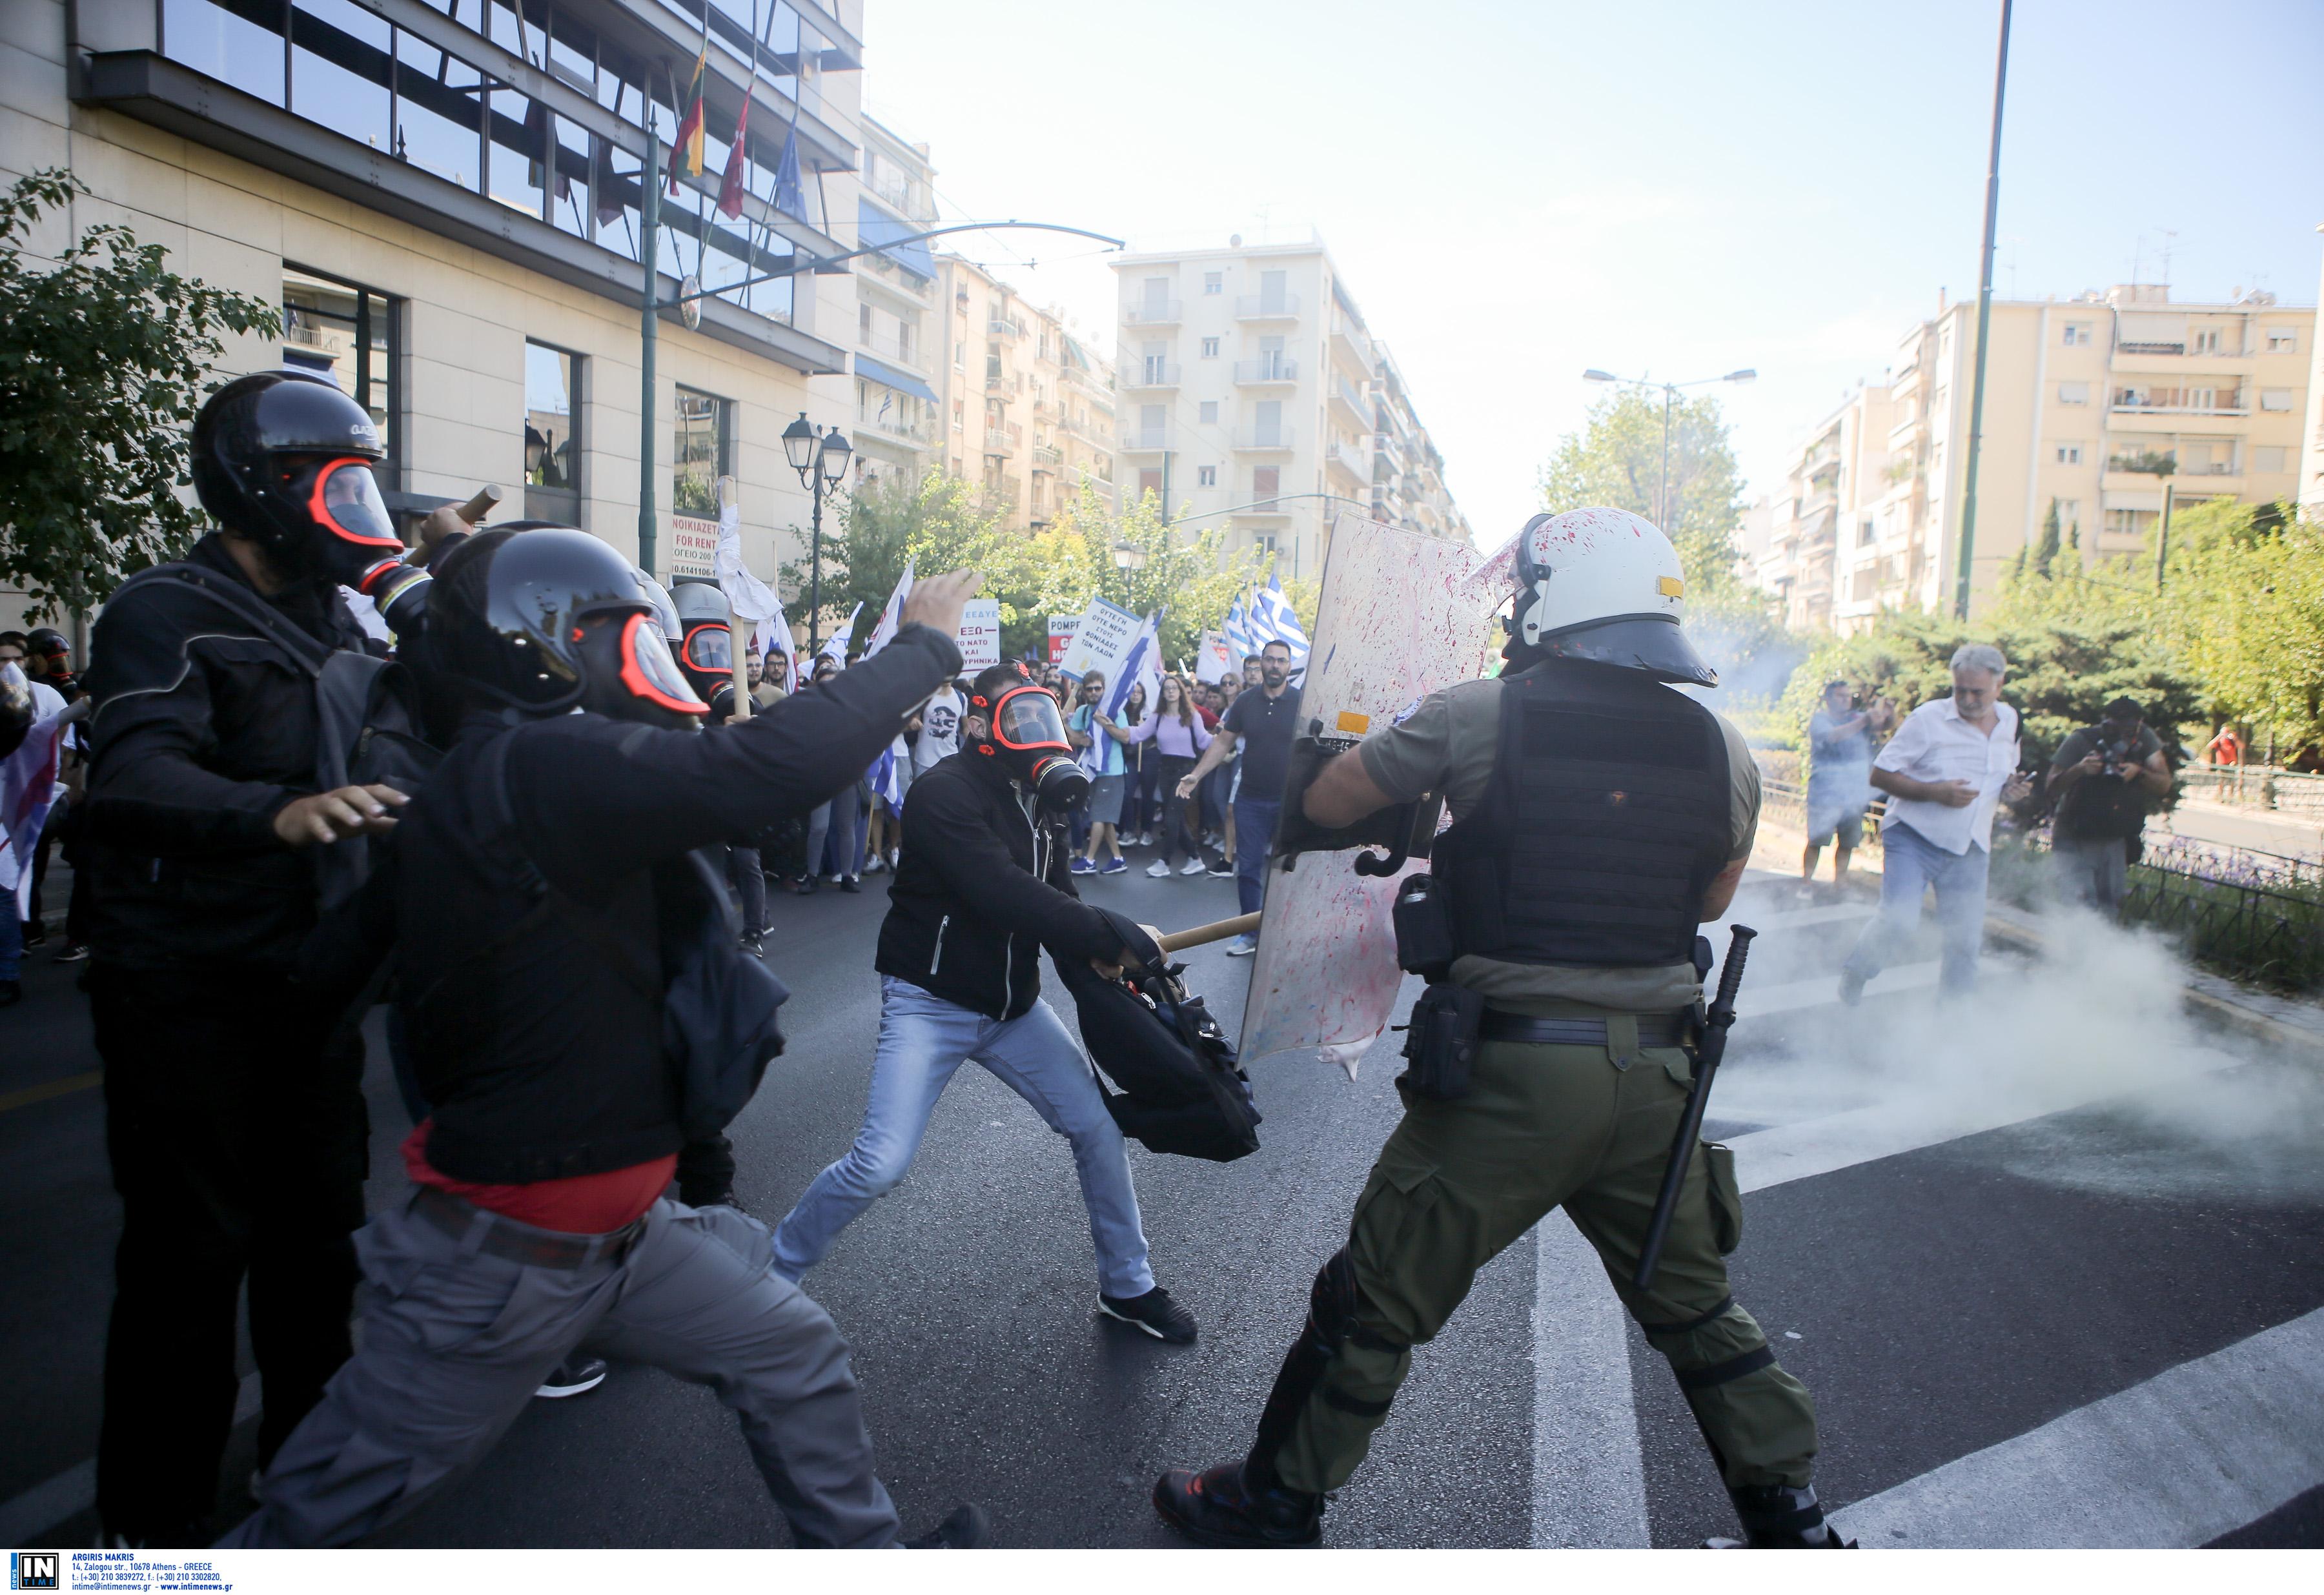 Η διμοιρία των ΜΑΤ έκανε χρήση δακρυγόνων για να απωθήσει τους διαδηλωτές